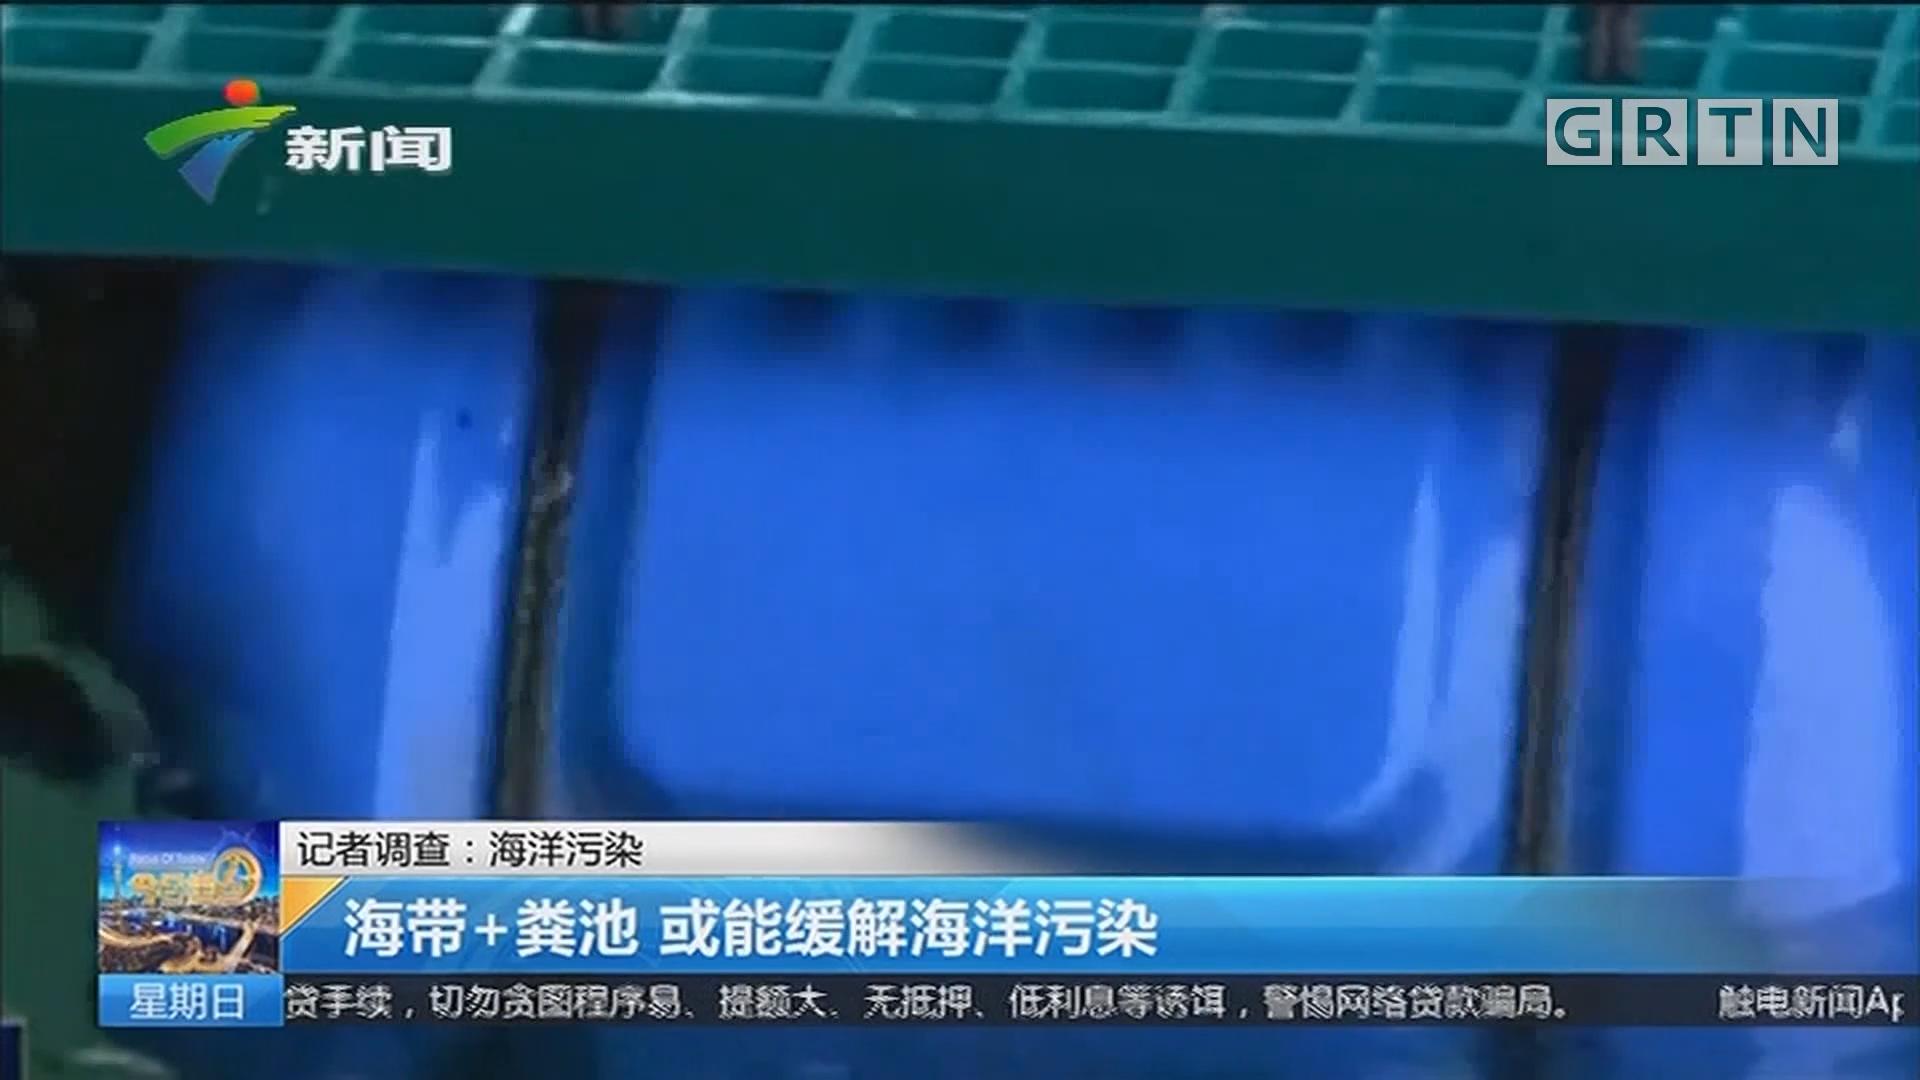 记者调查:海洋污染 海带+粪池 或能缓解海洋污染